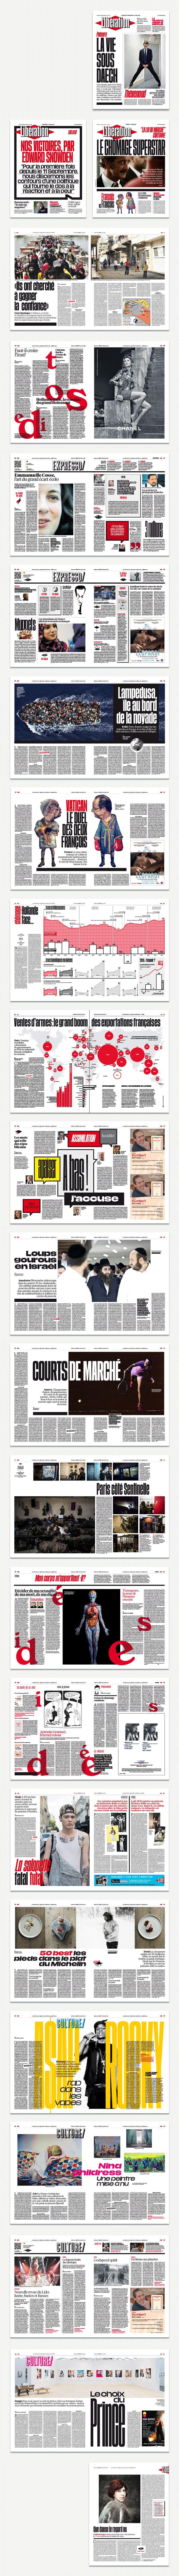 Libération 2015 - mise en page conçu par  Javier Errea et son équipe